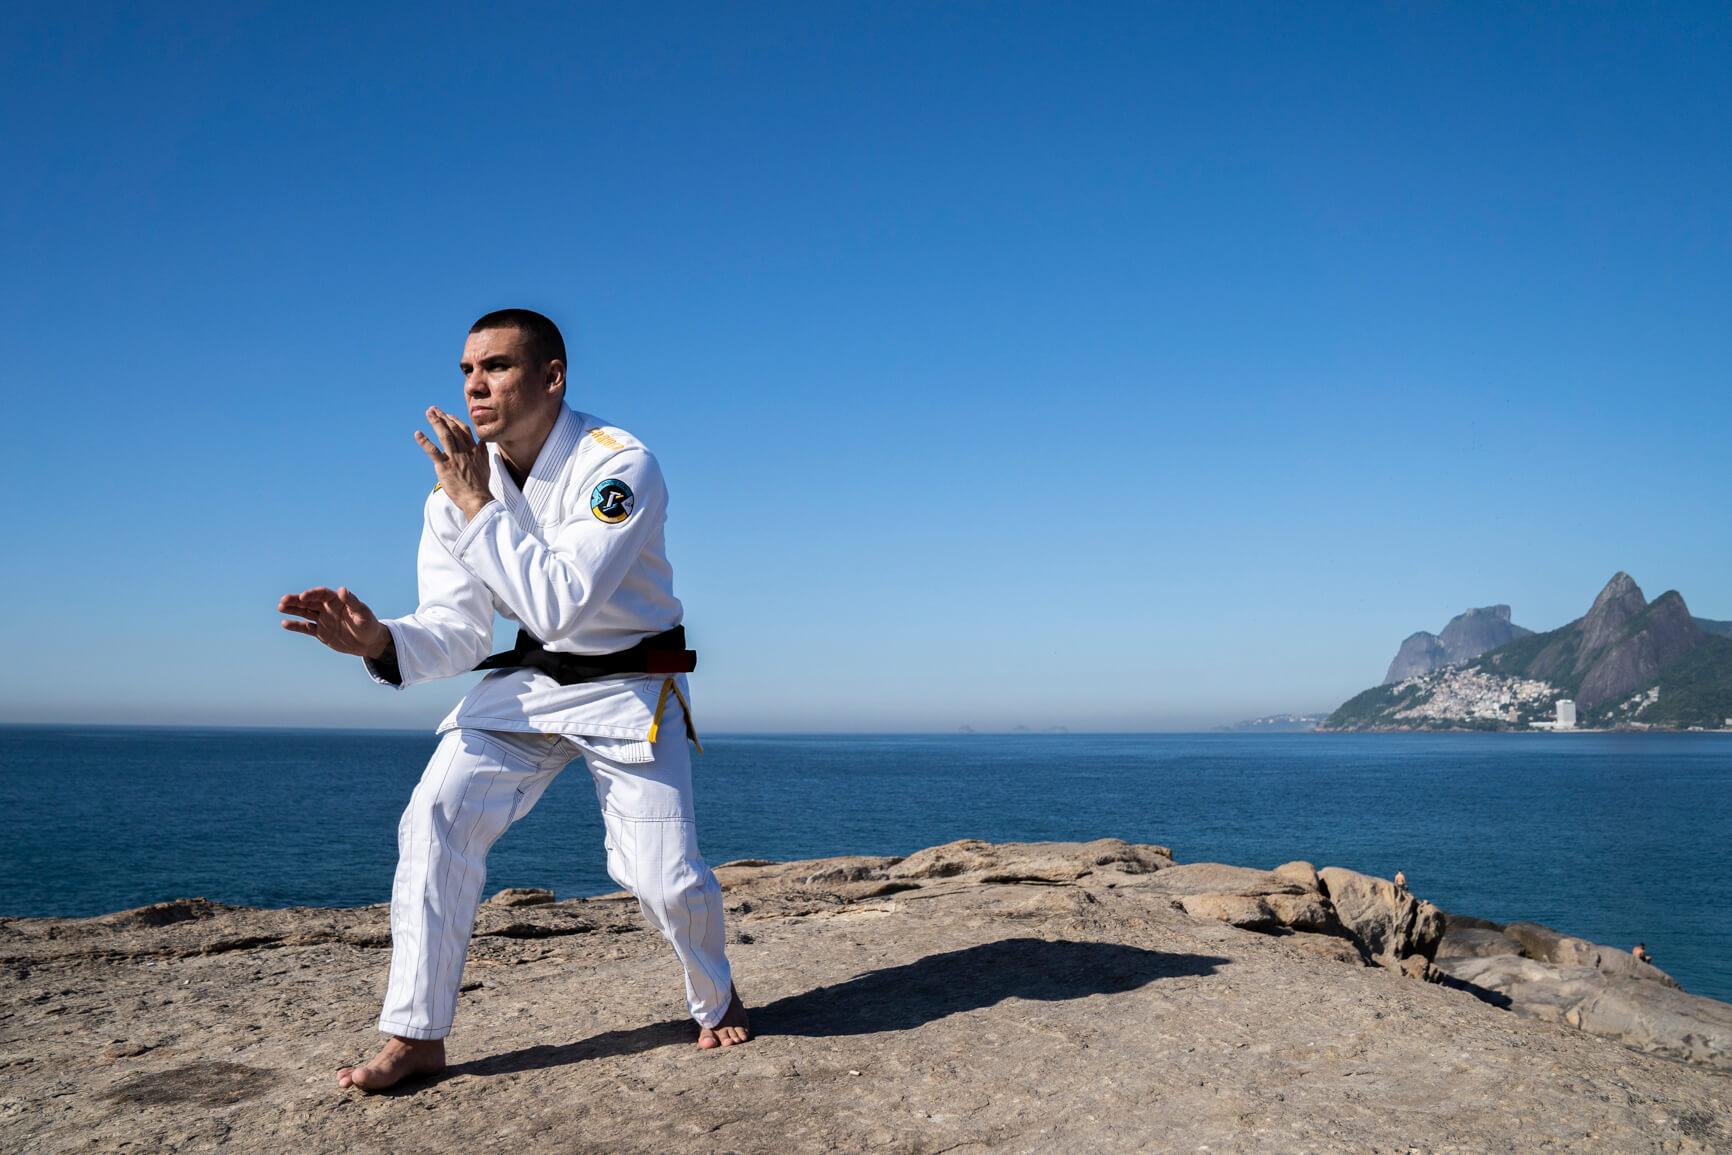 Co robić, by osiągnąć wyznaczone cele w sportach walki?